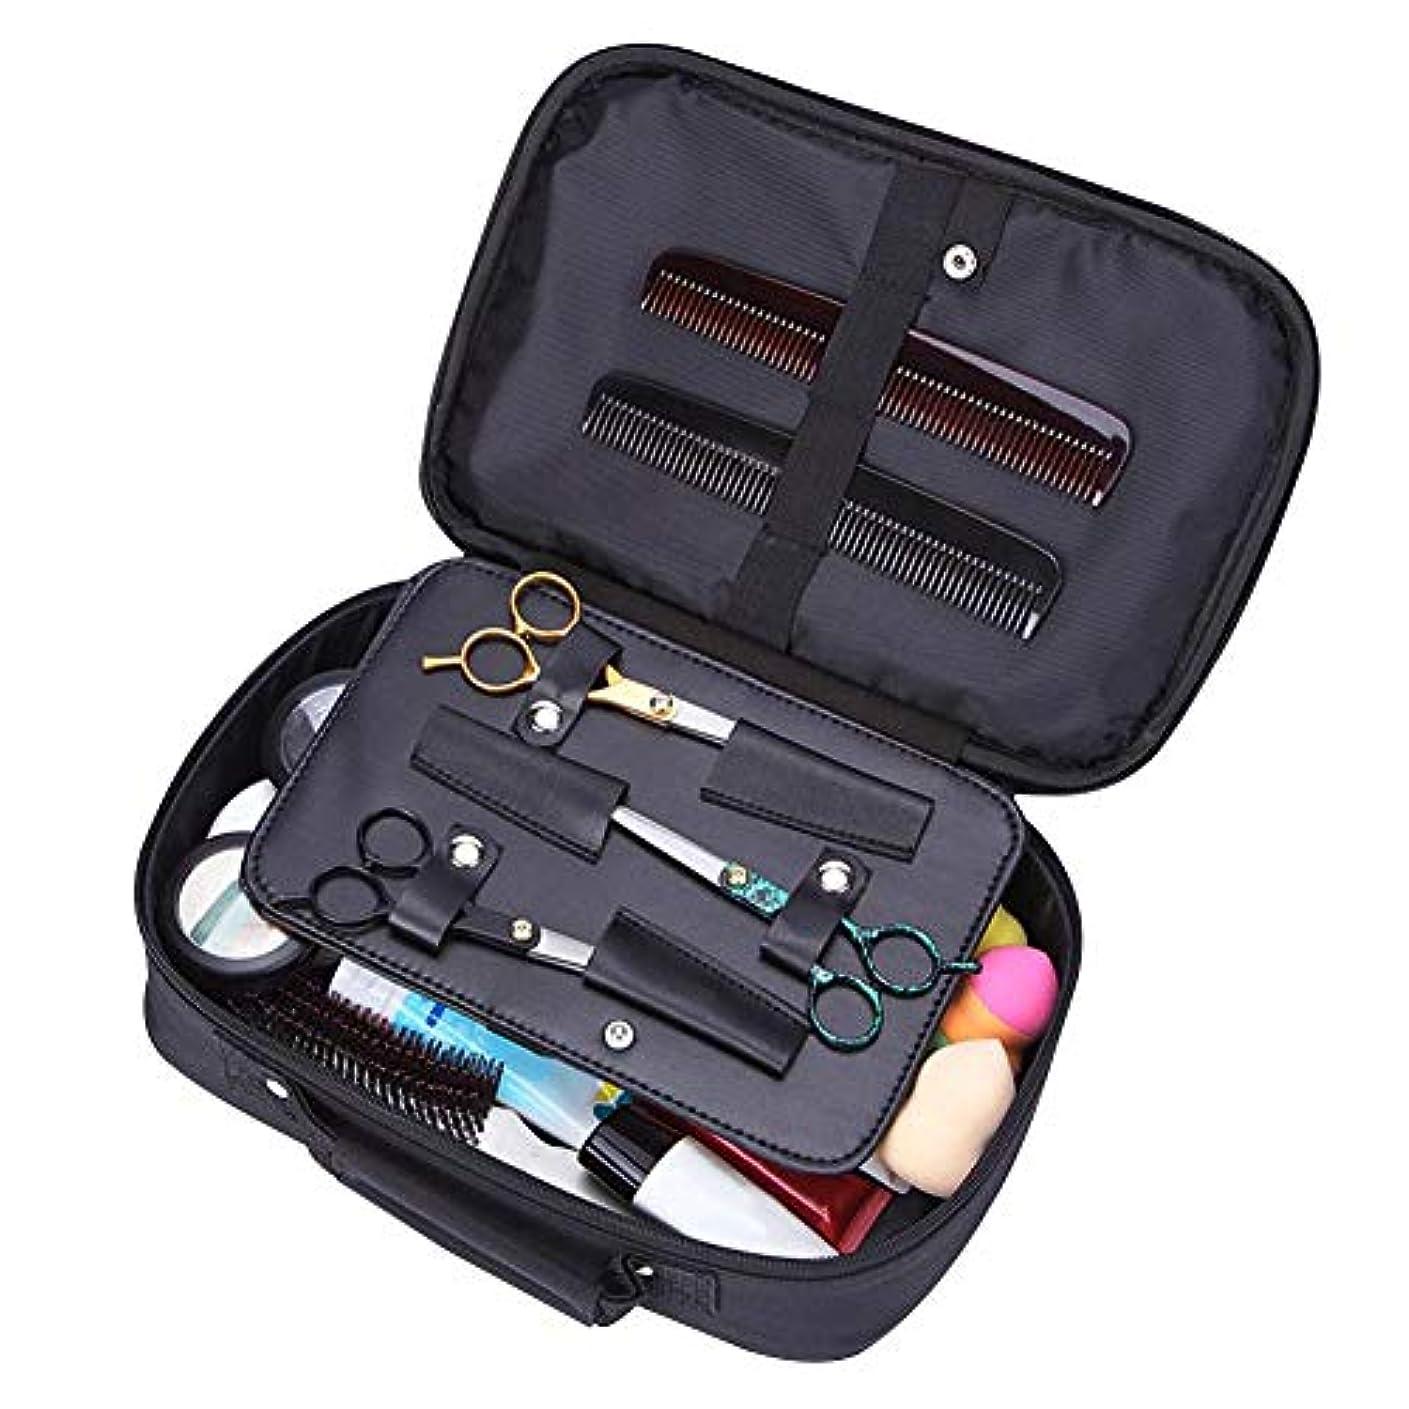 厄介なラインあまりにもひげケア ビアードケア 収納バッグ 理髪道具収納バッグ ハンドバッグ 多目的 PU素材 耐摩耗性 大容量